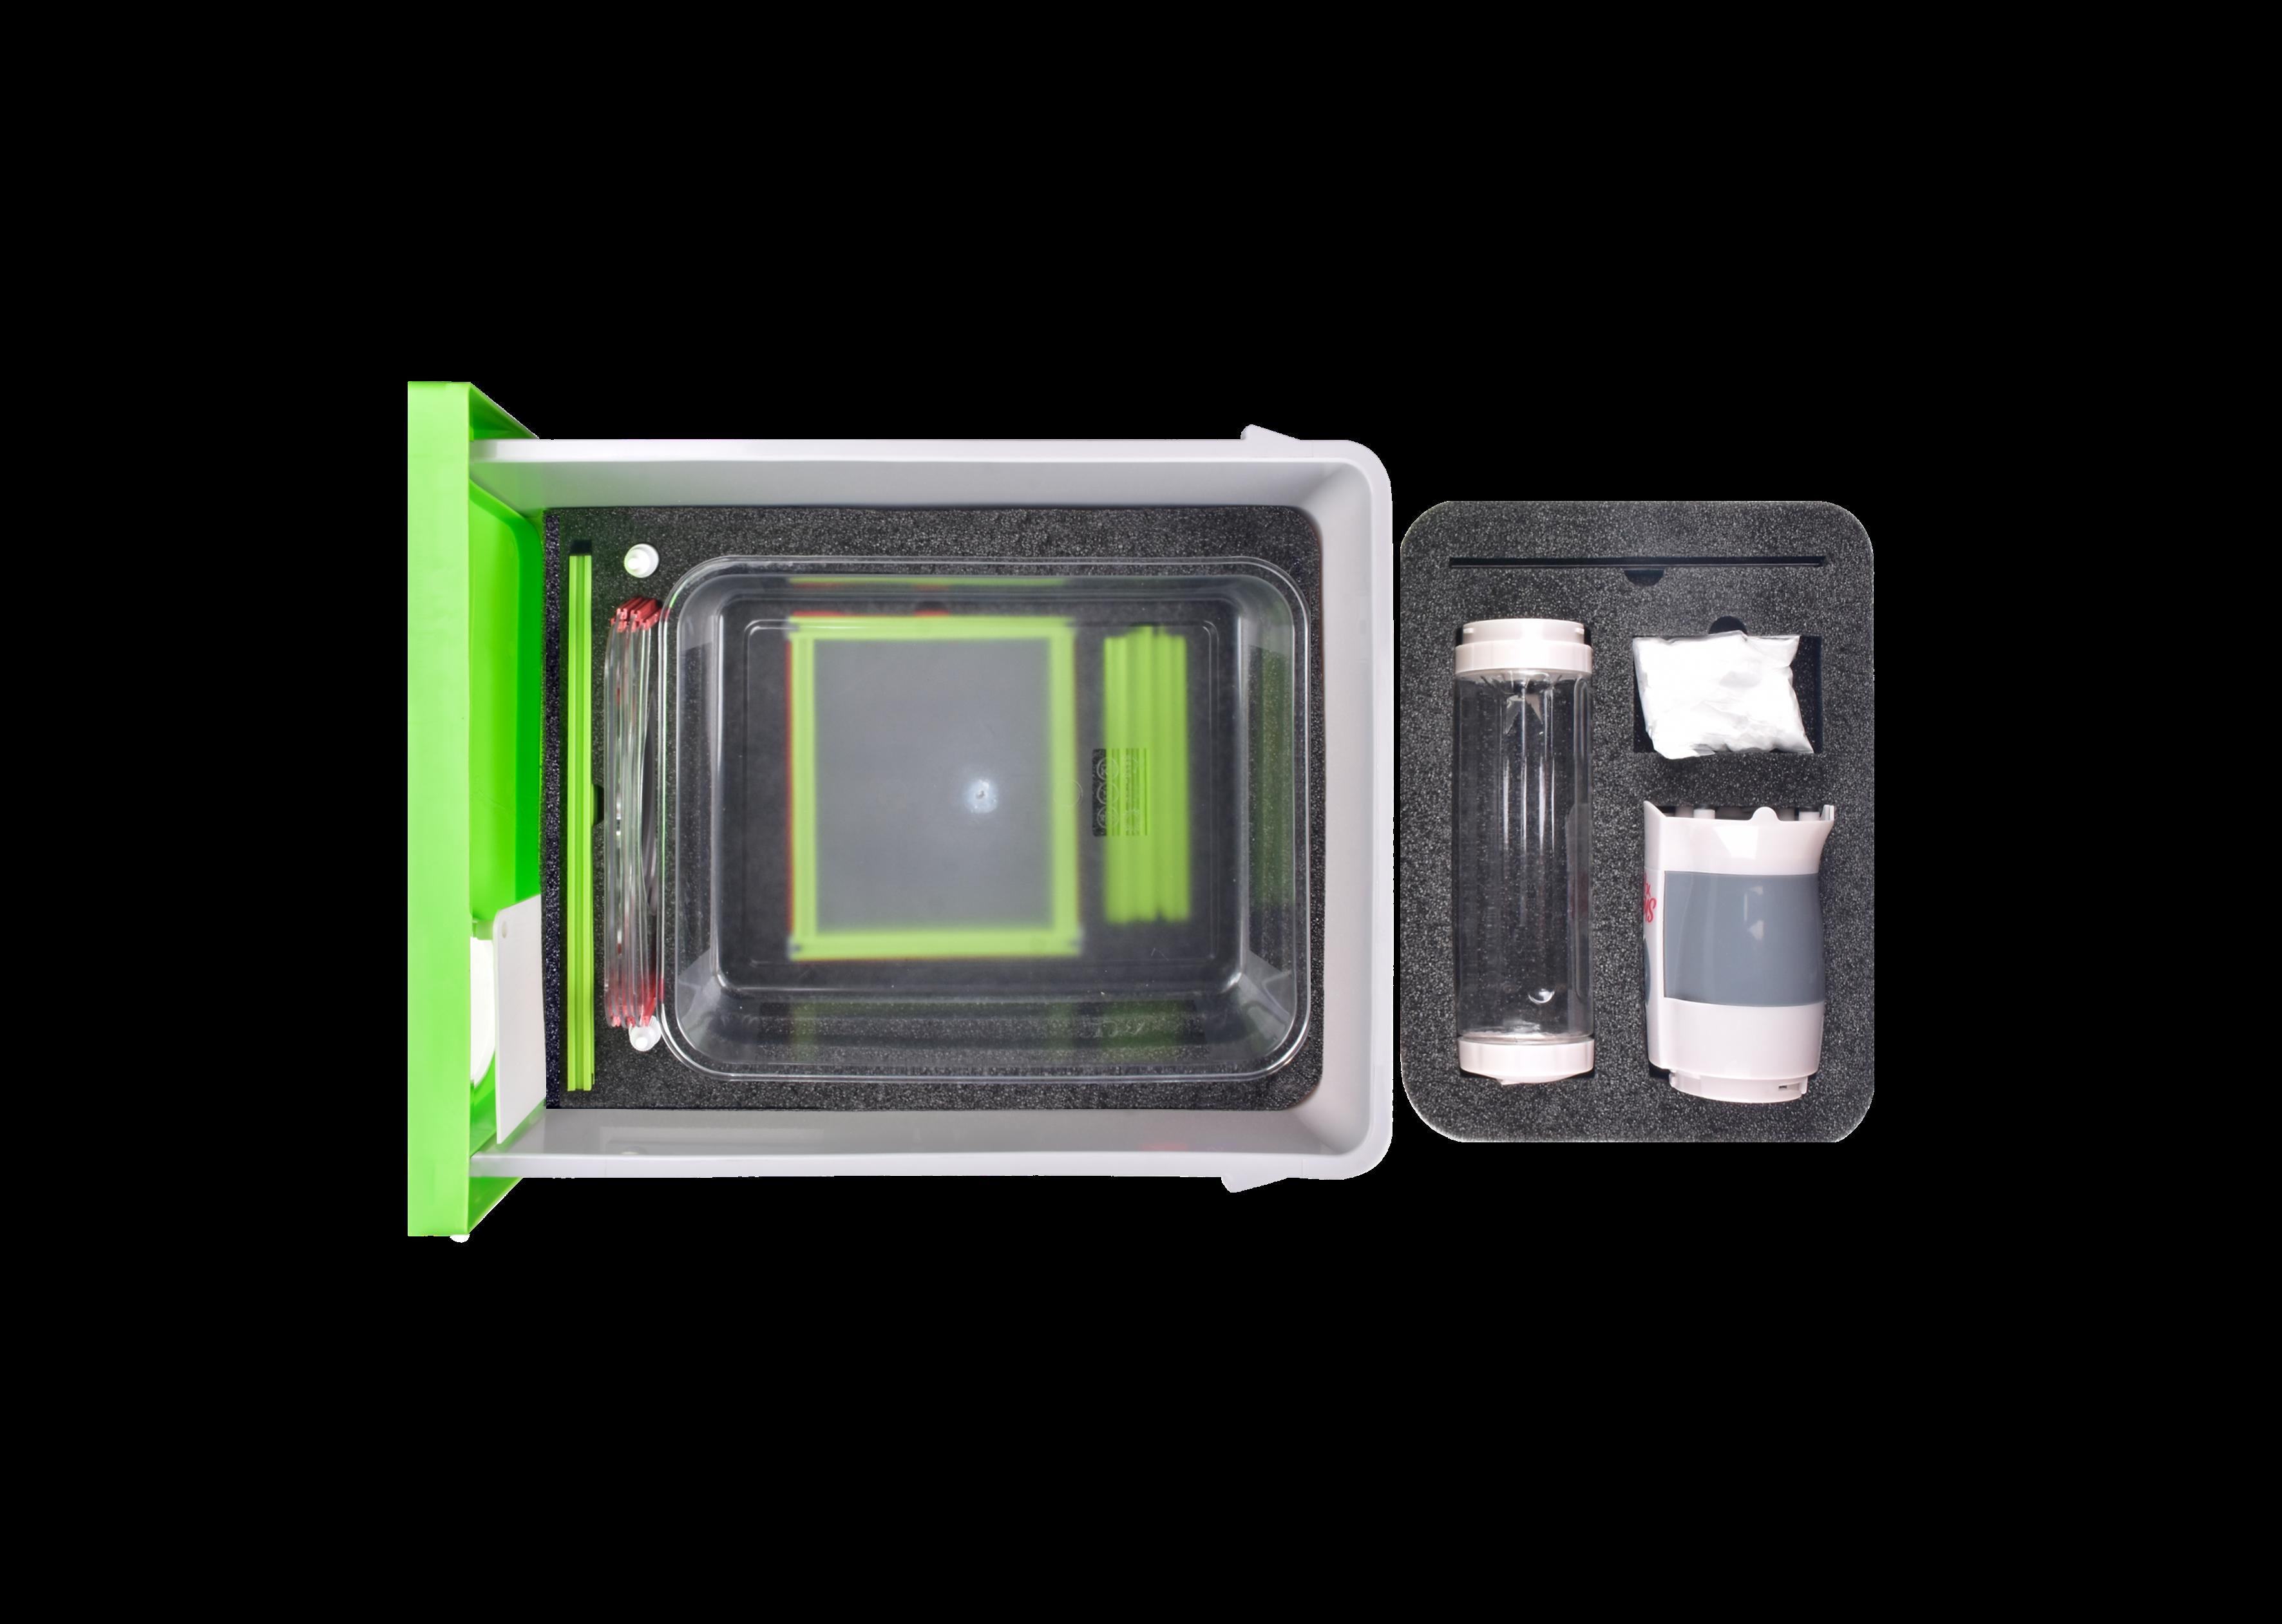 小学科学实验箱-抽屉式主题新课标-再生纸抽屉